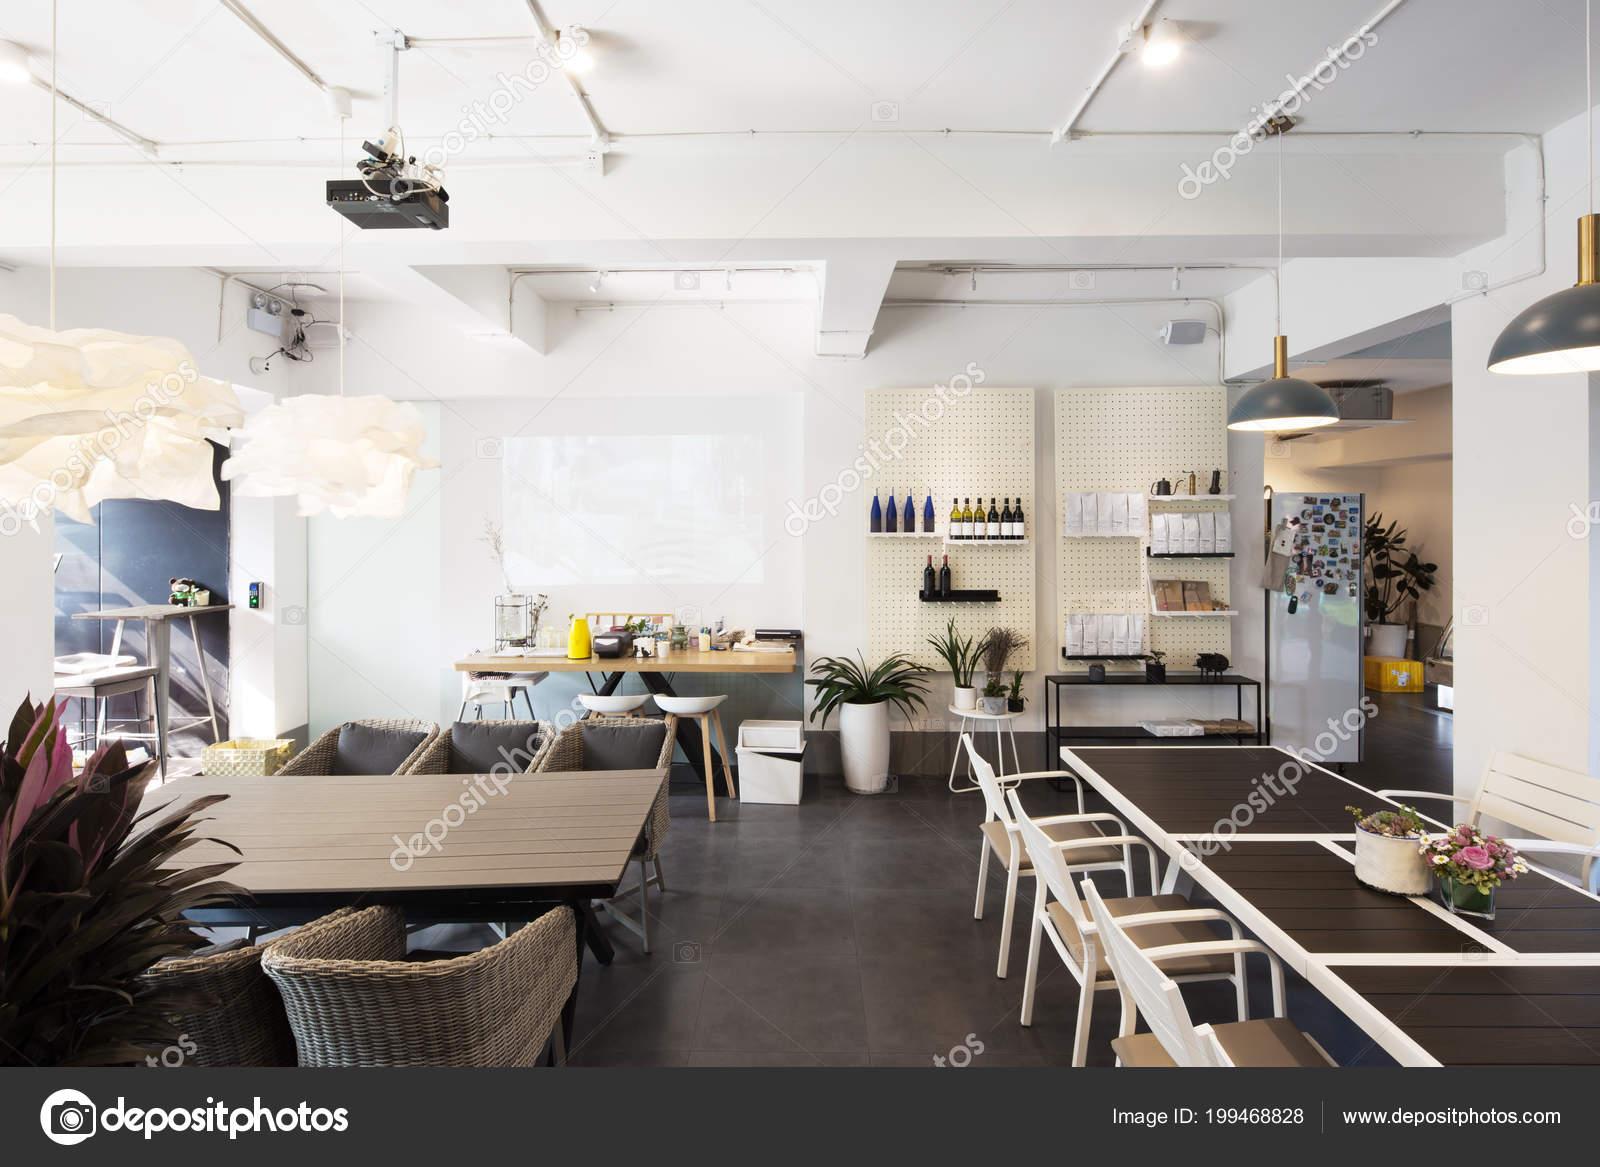 Interieur Des Restaurants Mit Moderner Einrichtung — Stockfoto ...